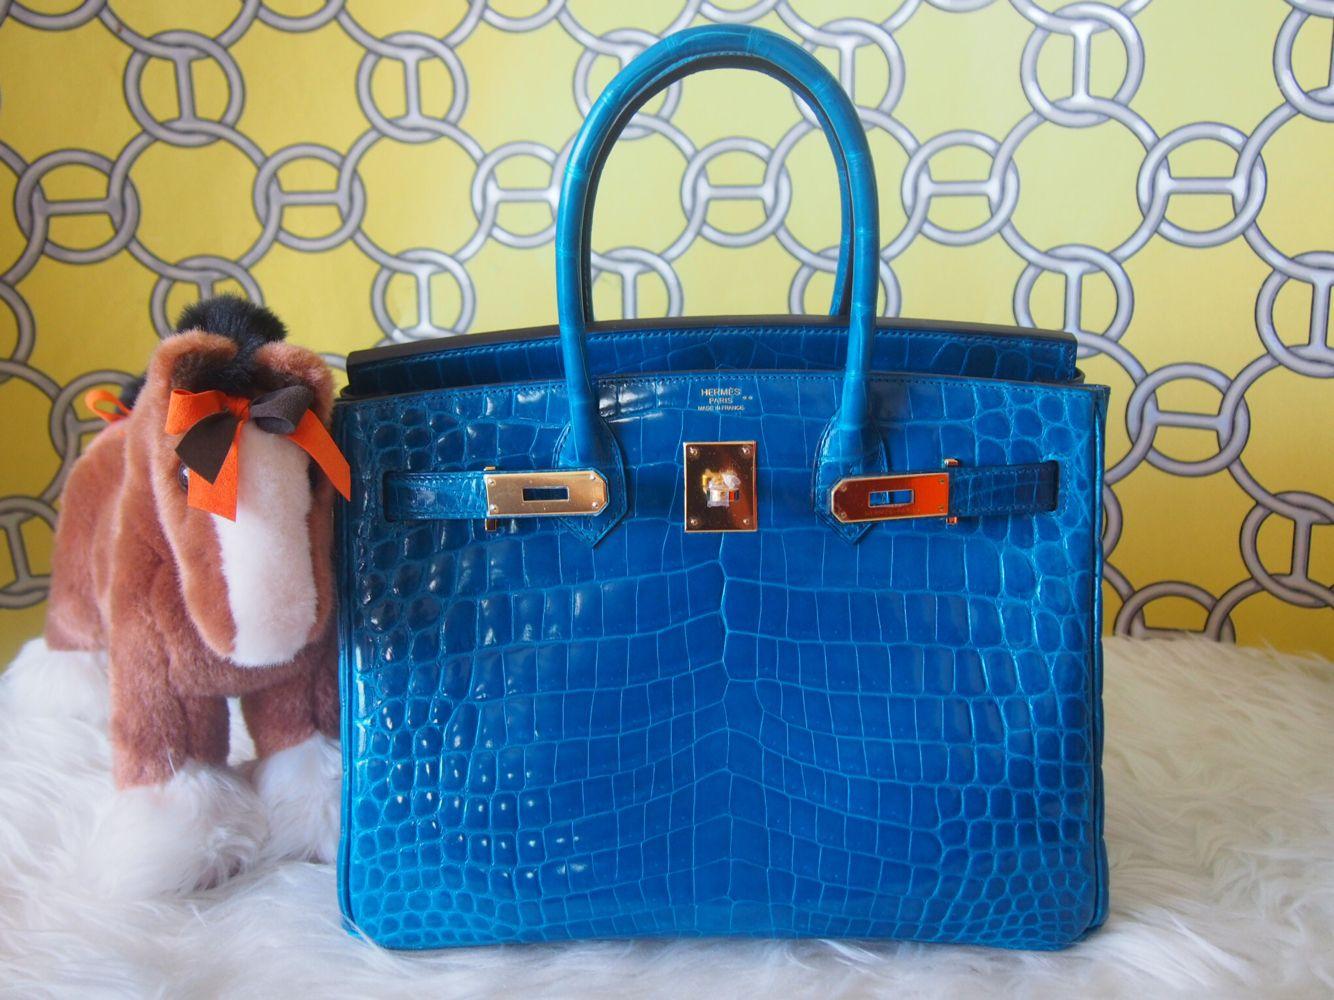 def0541ea5d Bnib Birkin 30 blue IZMIR ghw nilo shiny